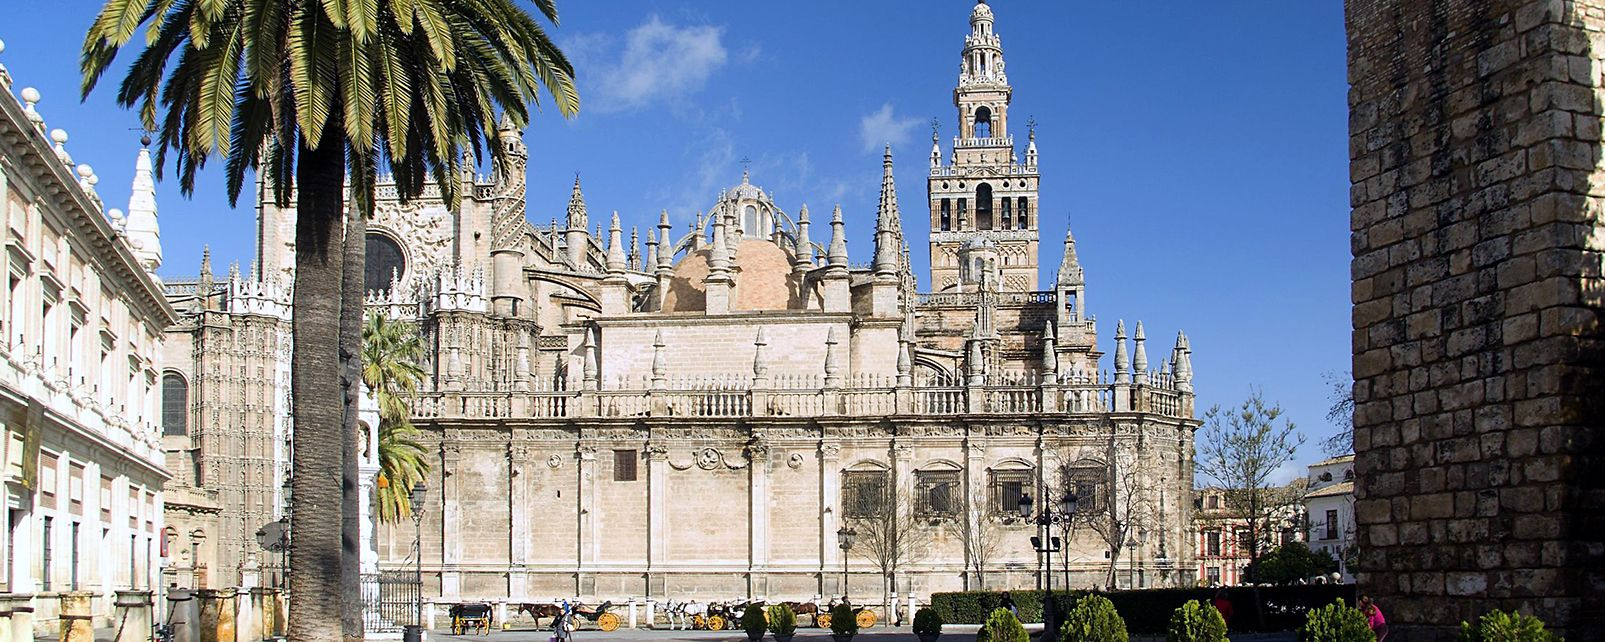 La cathédrale de Séville , The Cathedral of Seville , Spain